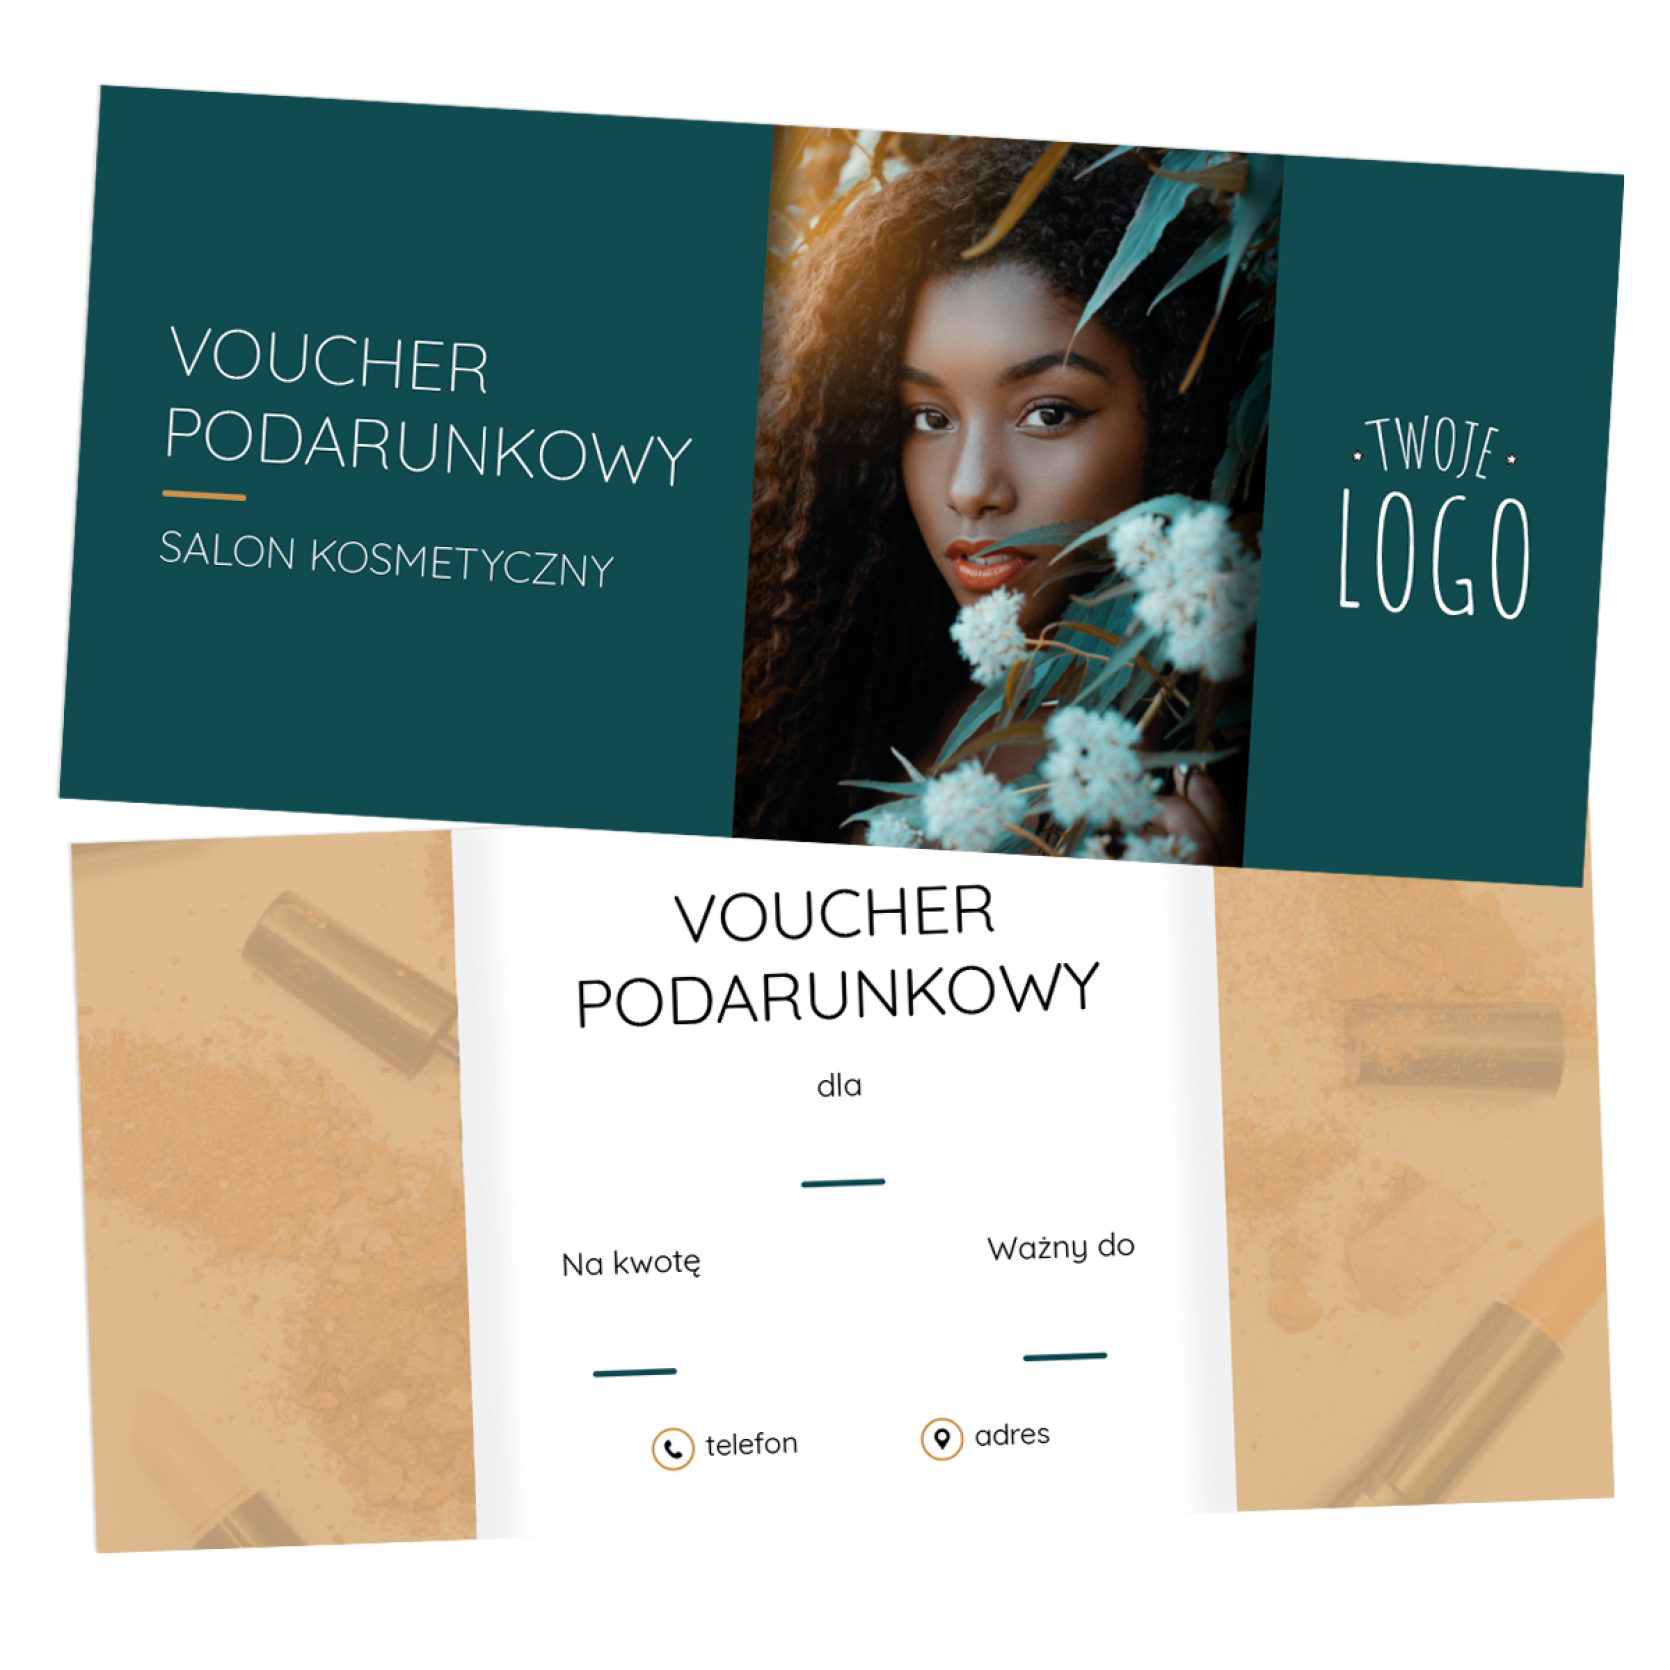 Voucher_Podarunkowy_dla_salonu_spa_beauty_karta_podarunkowa_bon_dla_klientek_klientow_projekt_wydruk_z_logo_BVK-17-ZR-DL_wiz01